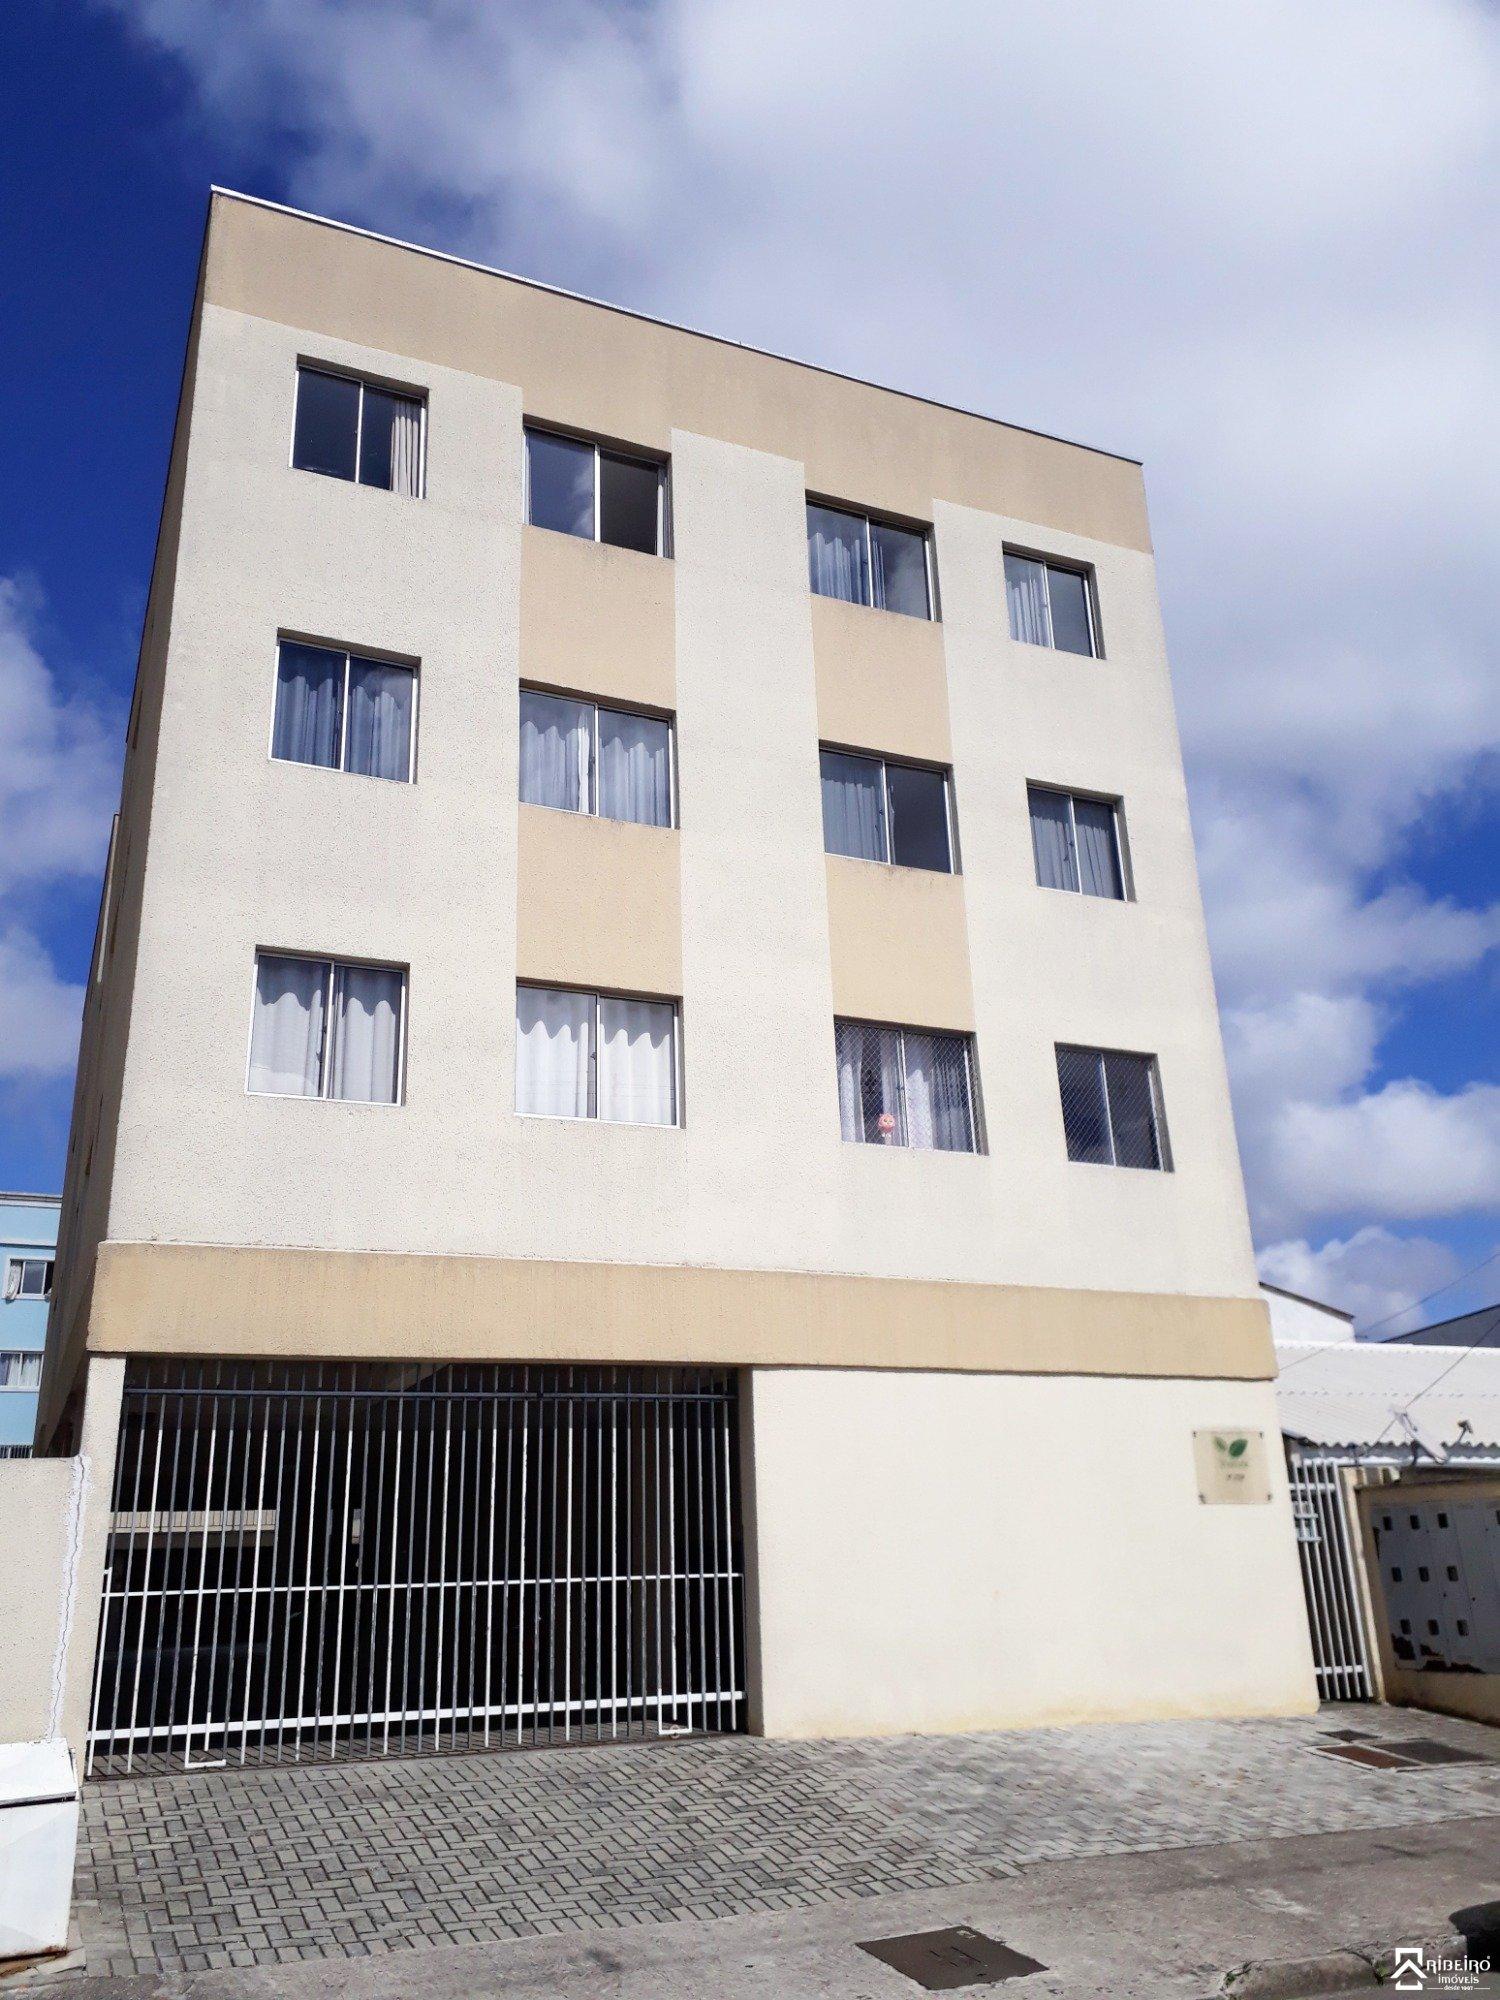 REF. 6932 -  São José Dos Pinhais - Travessa  Luziano Cordeiro, 1758 - Apto 13 - Bl 03